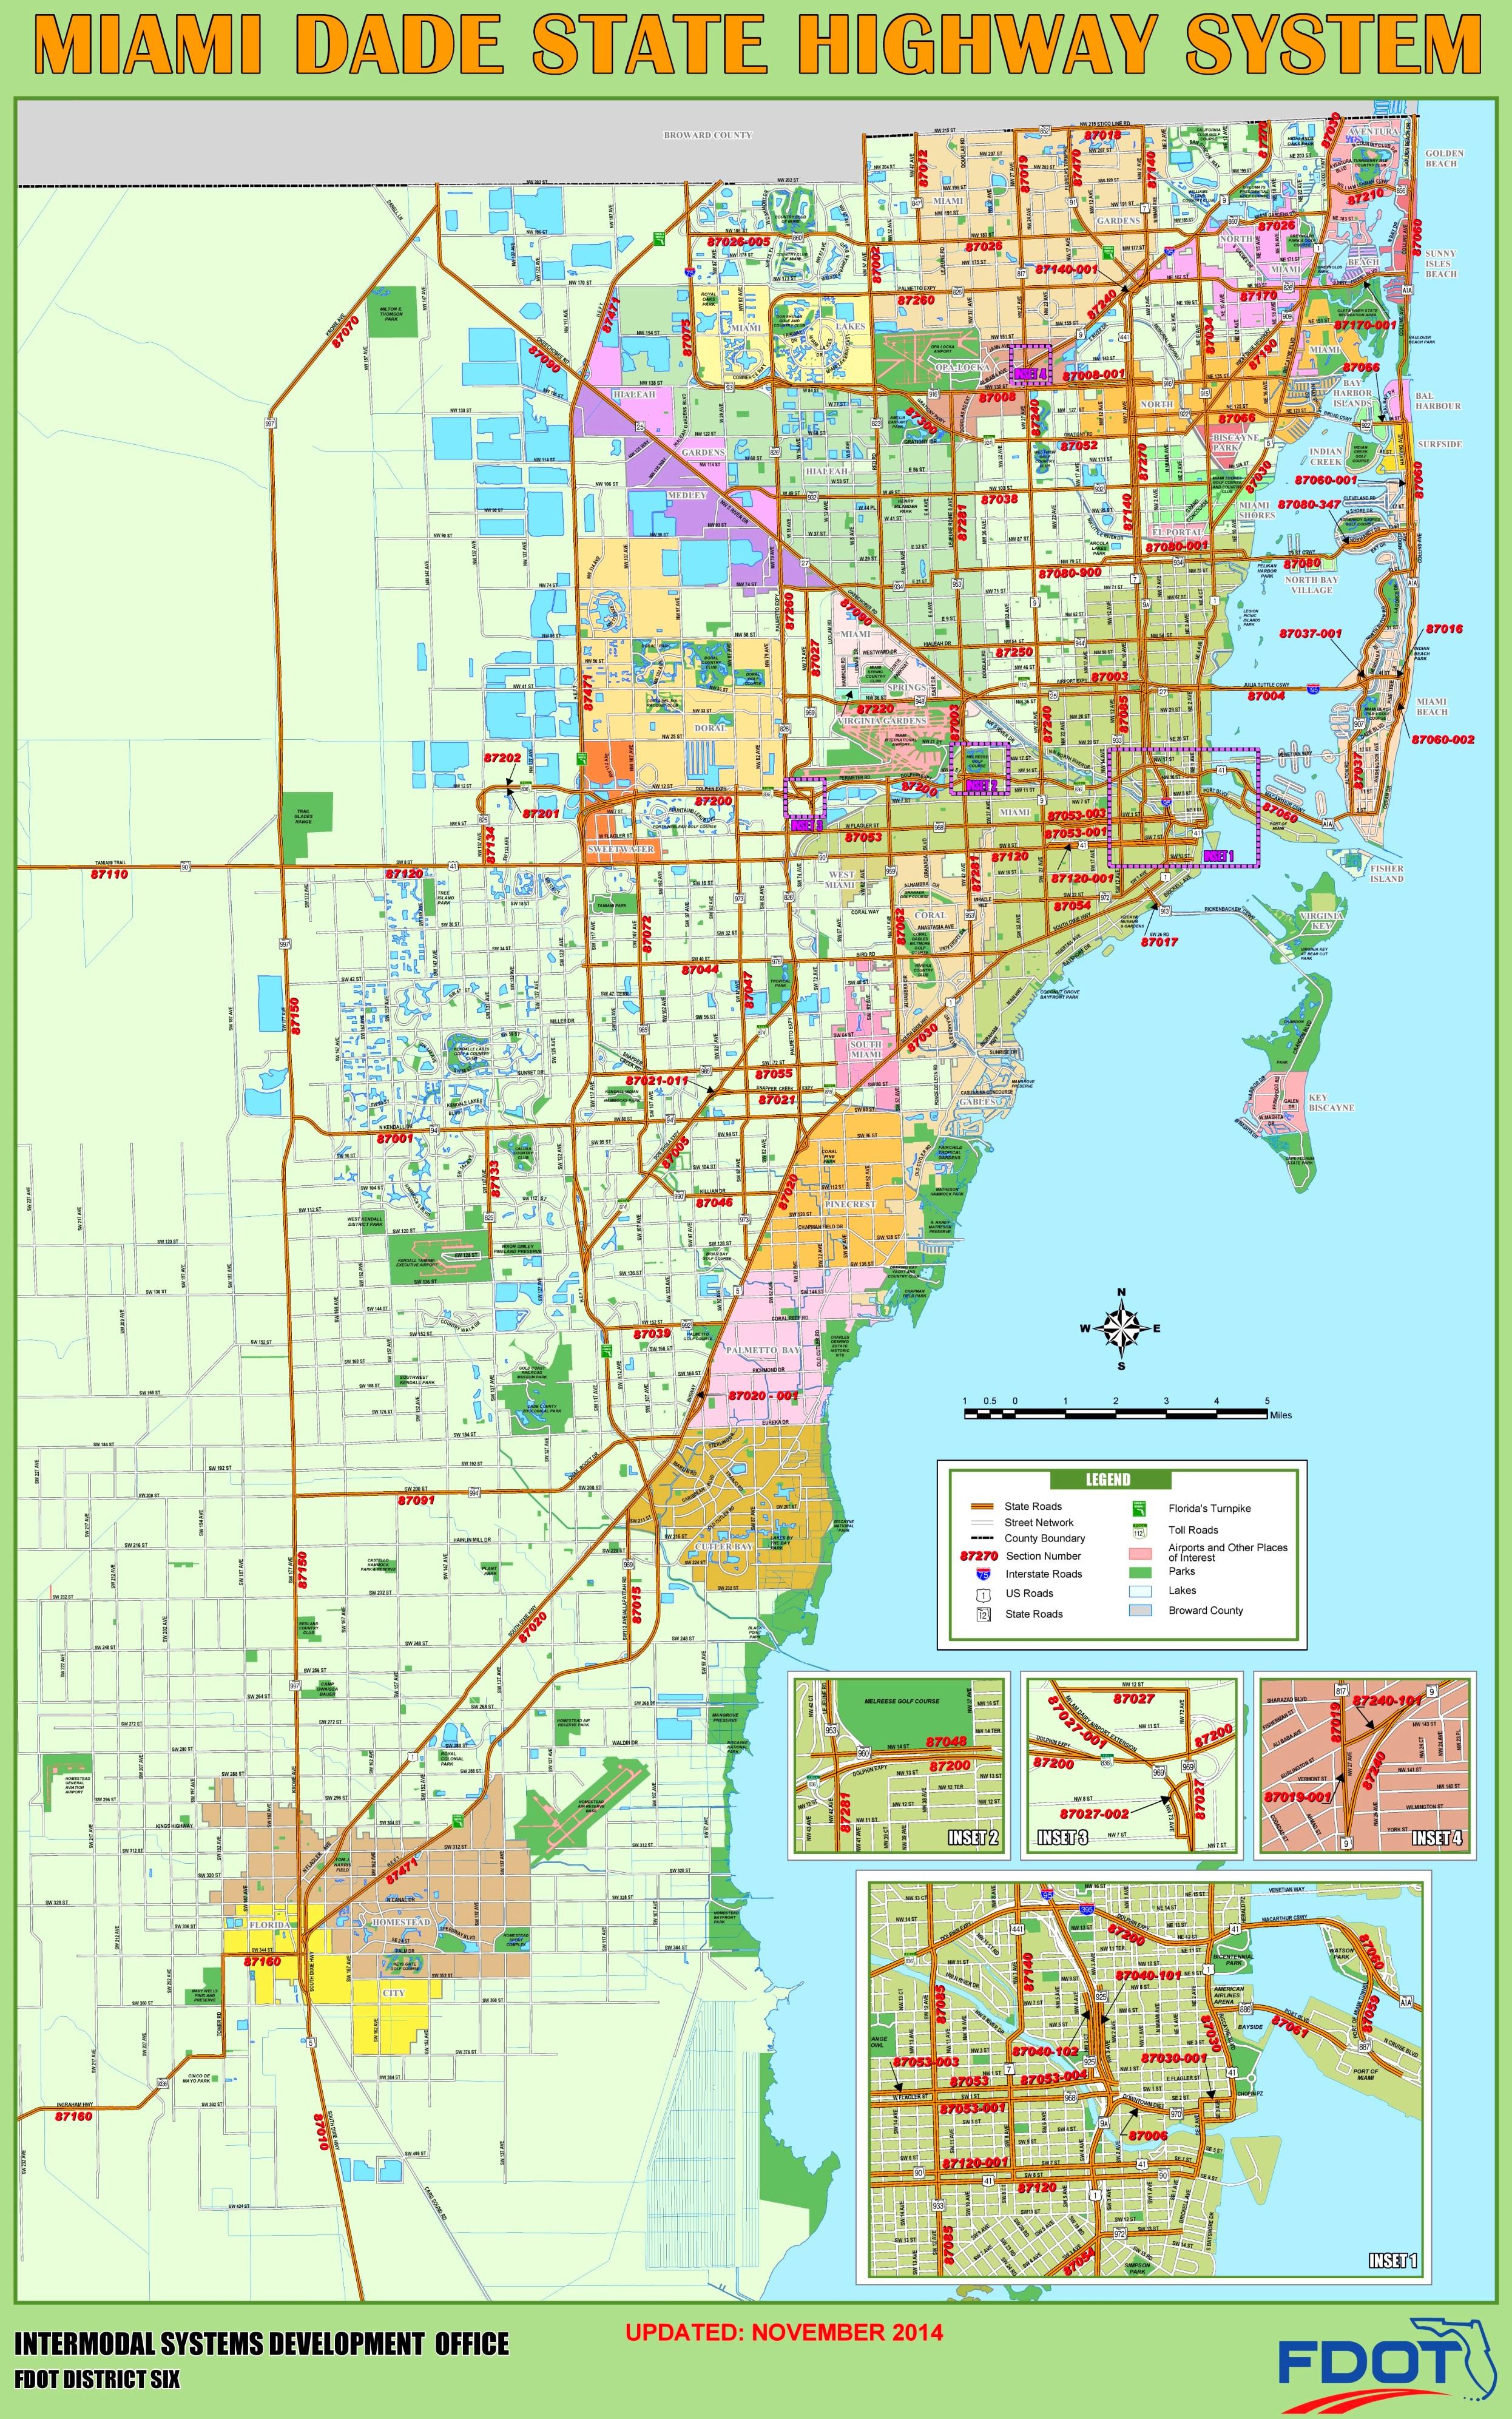 Miami Dade Map Miami Dade highway map